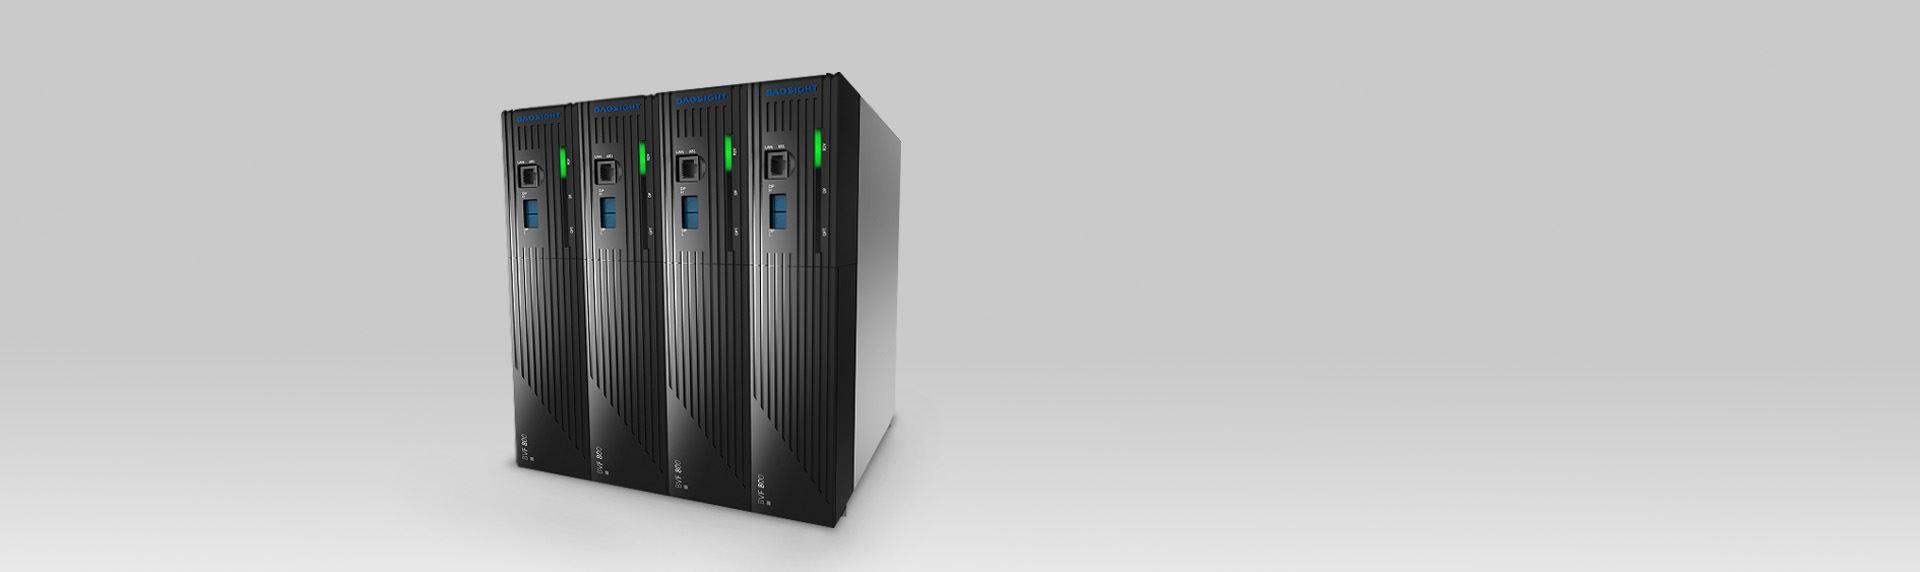 S10娱乐新闻-控制终端机箱 工业设计